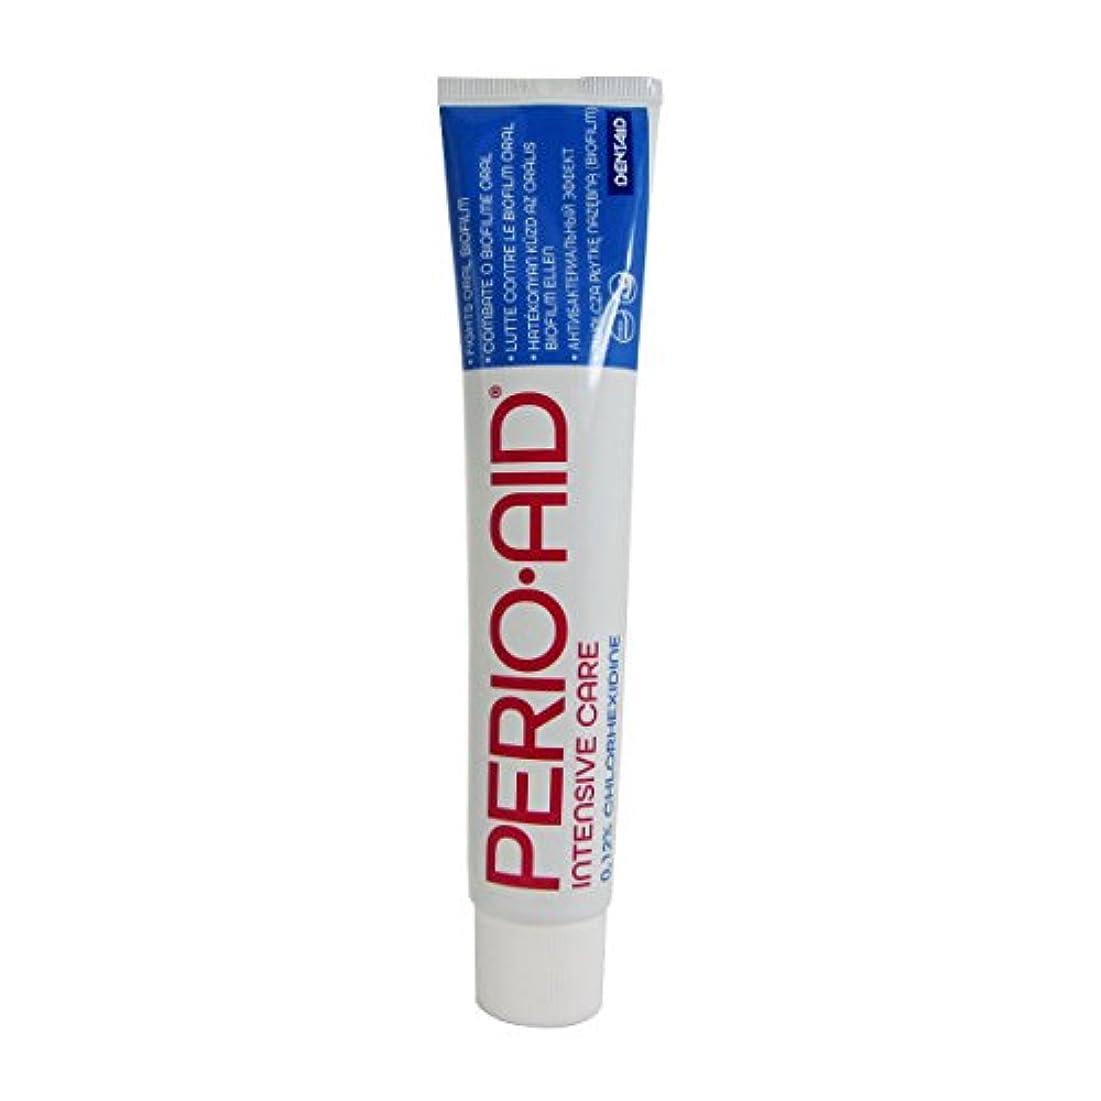 センチメンタル明るくするむさぼり食うPerio-aid Treatment Gel Toothpaste 75ml [並行輸入品]